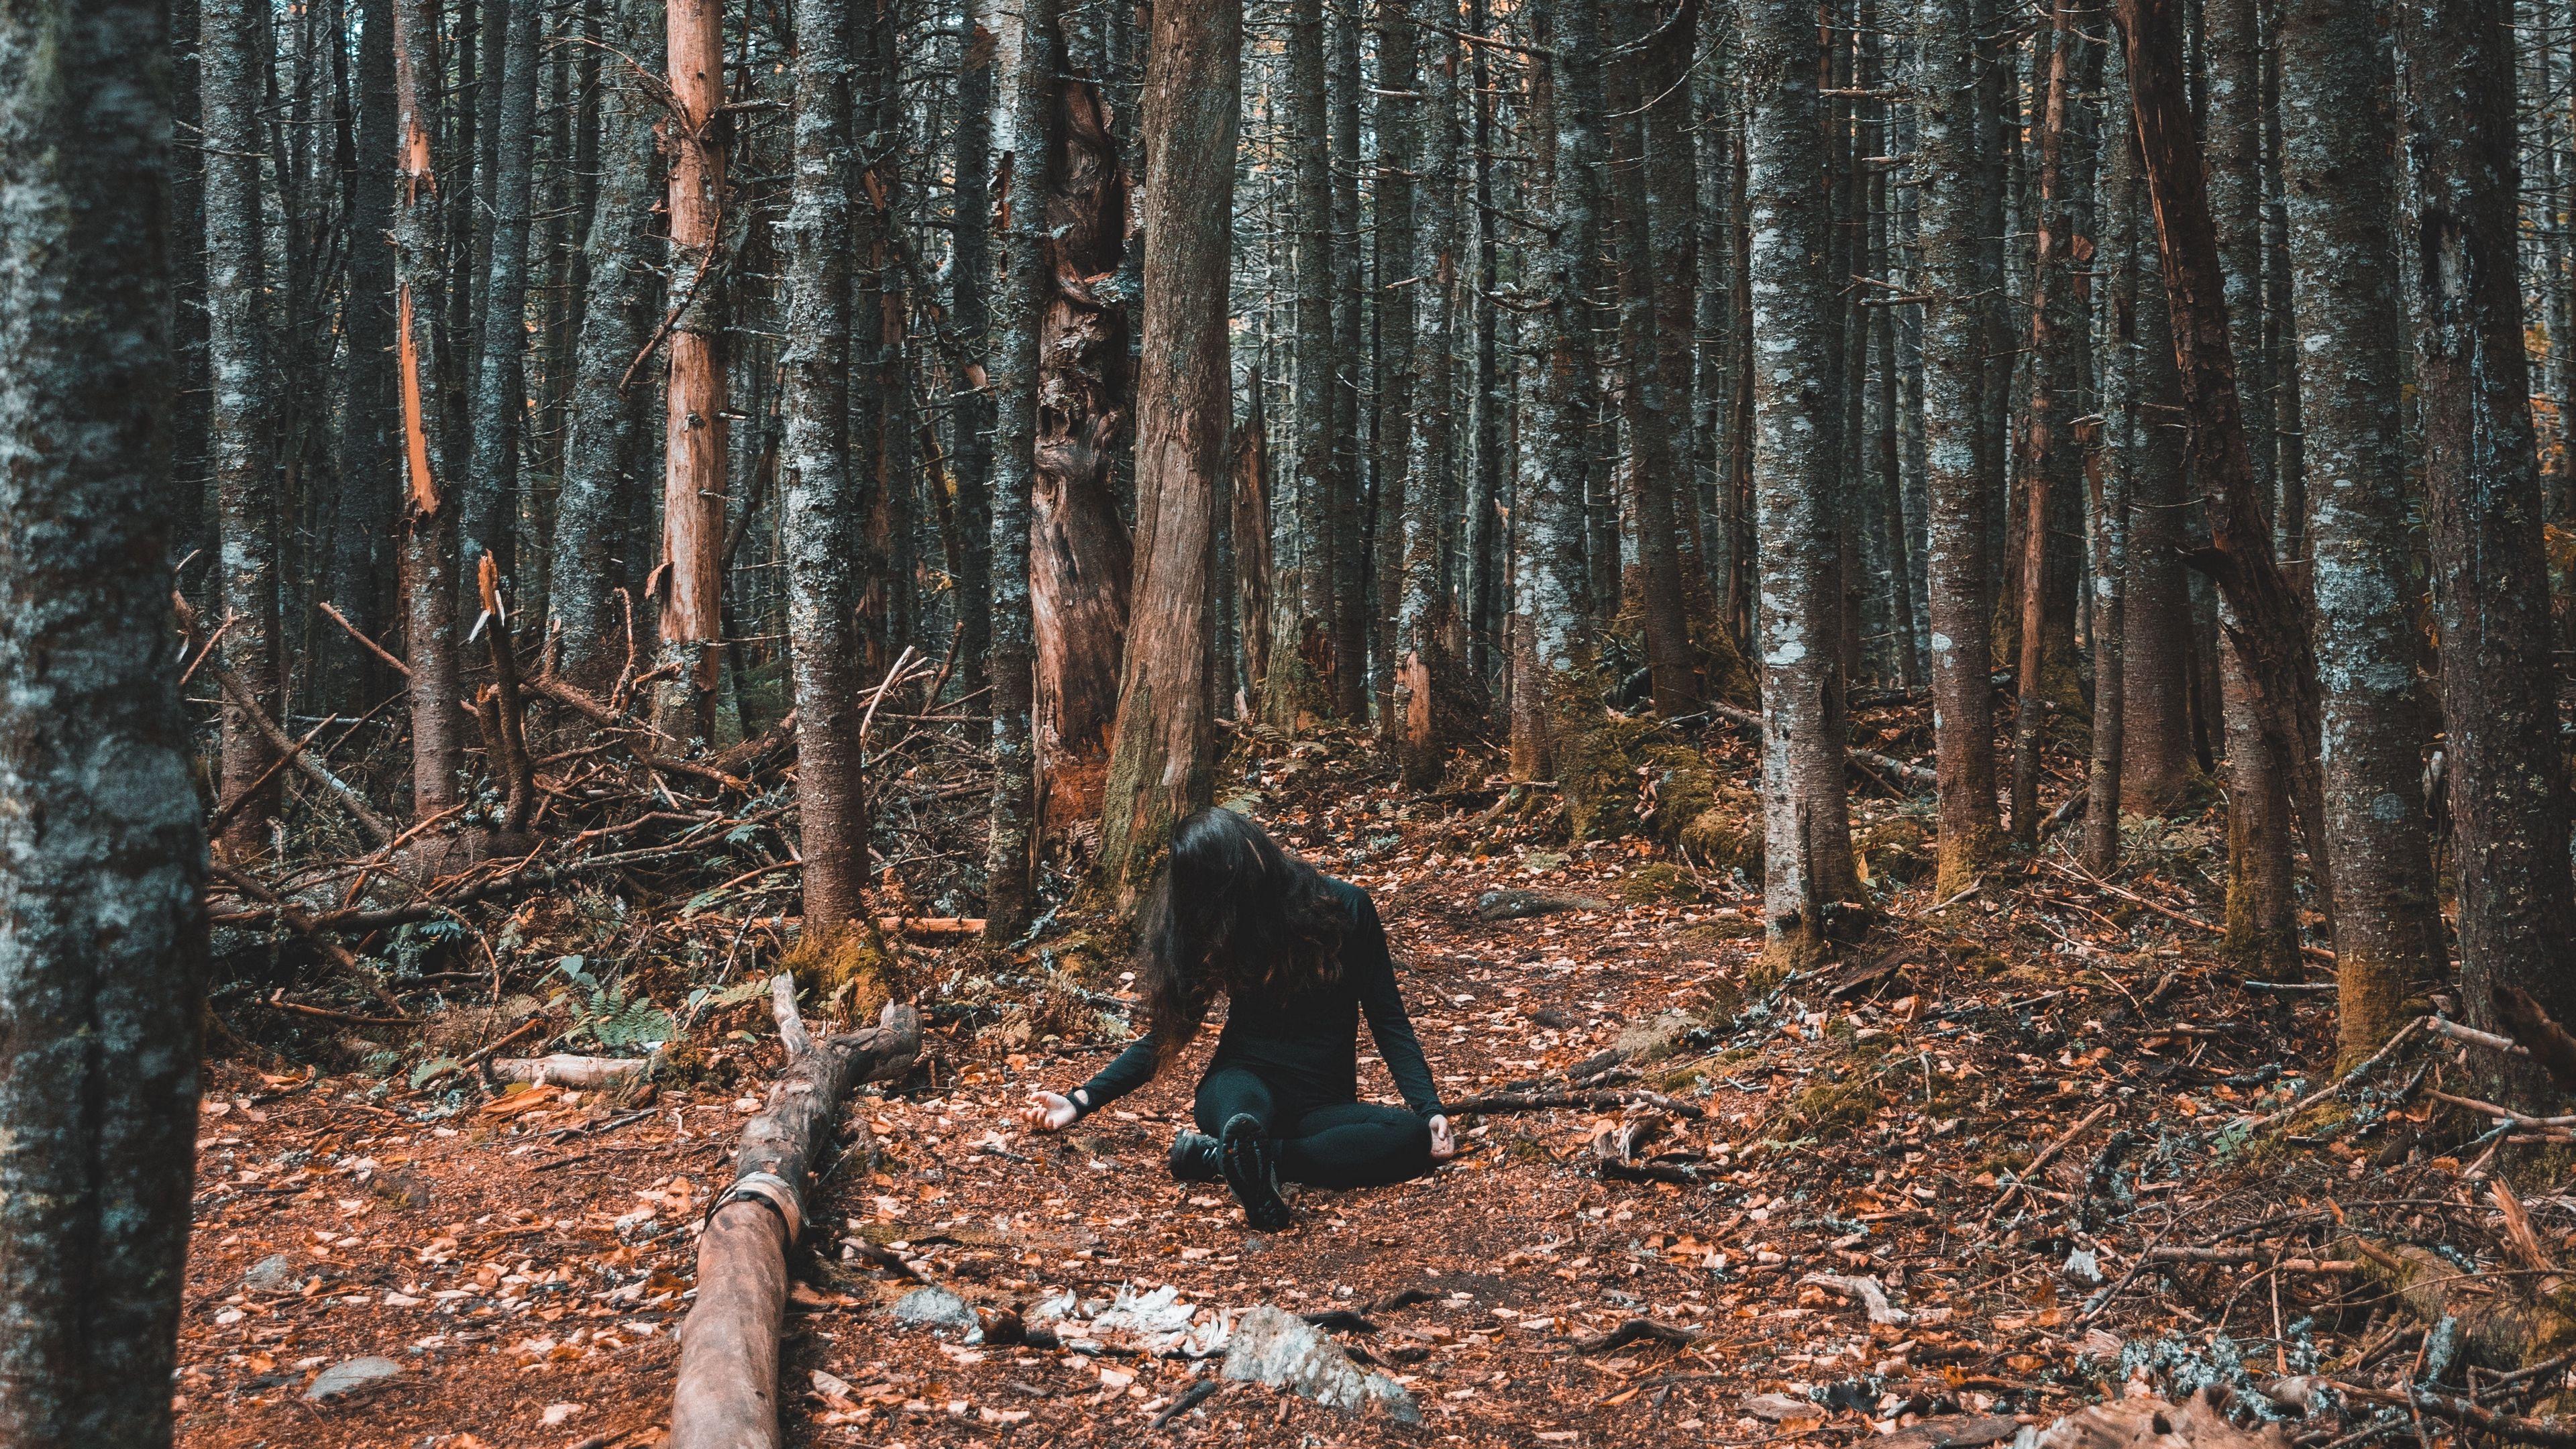 мемьет в лесу фото обувь стала